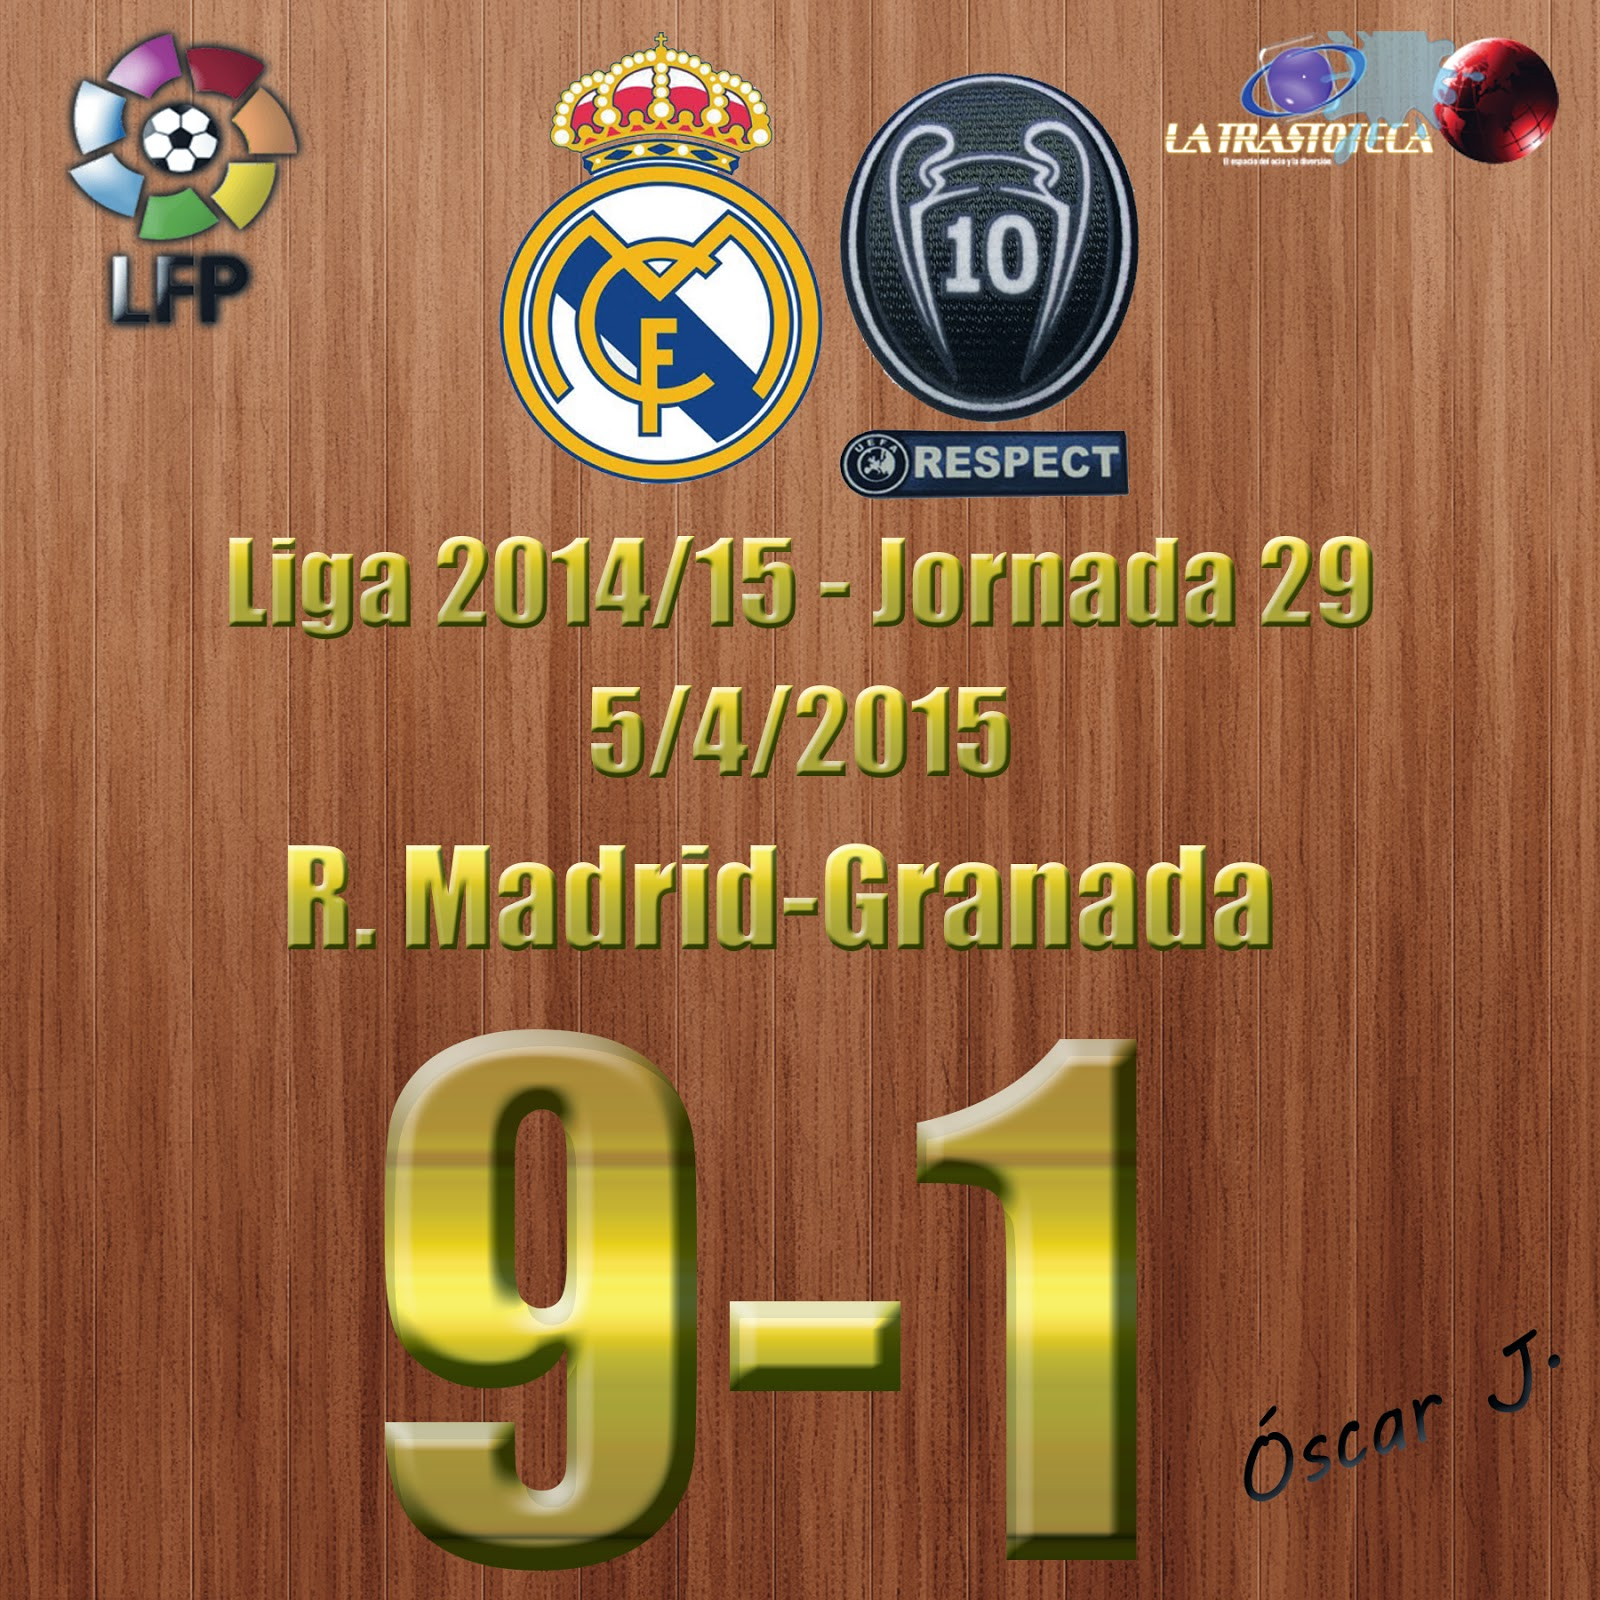 Benzema (Doblete) - Real Madrid 9-1 Granada - Liga 2014/15 - Jornada 29 - (5/4/2015)